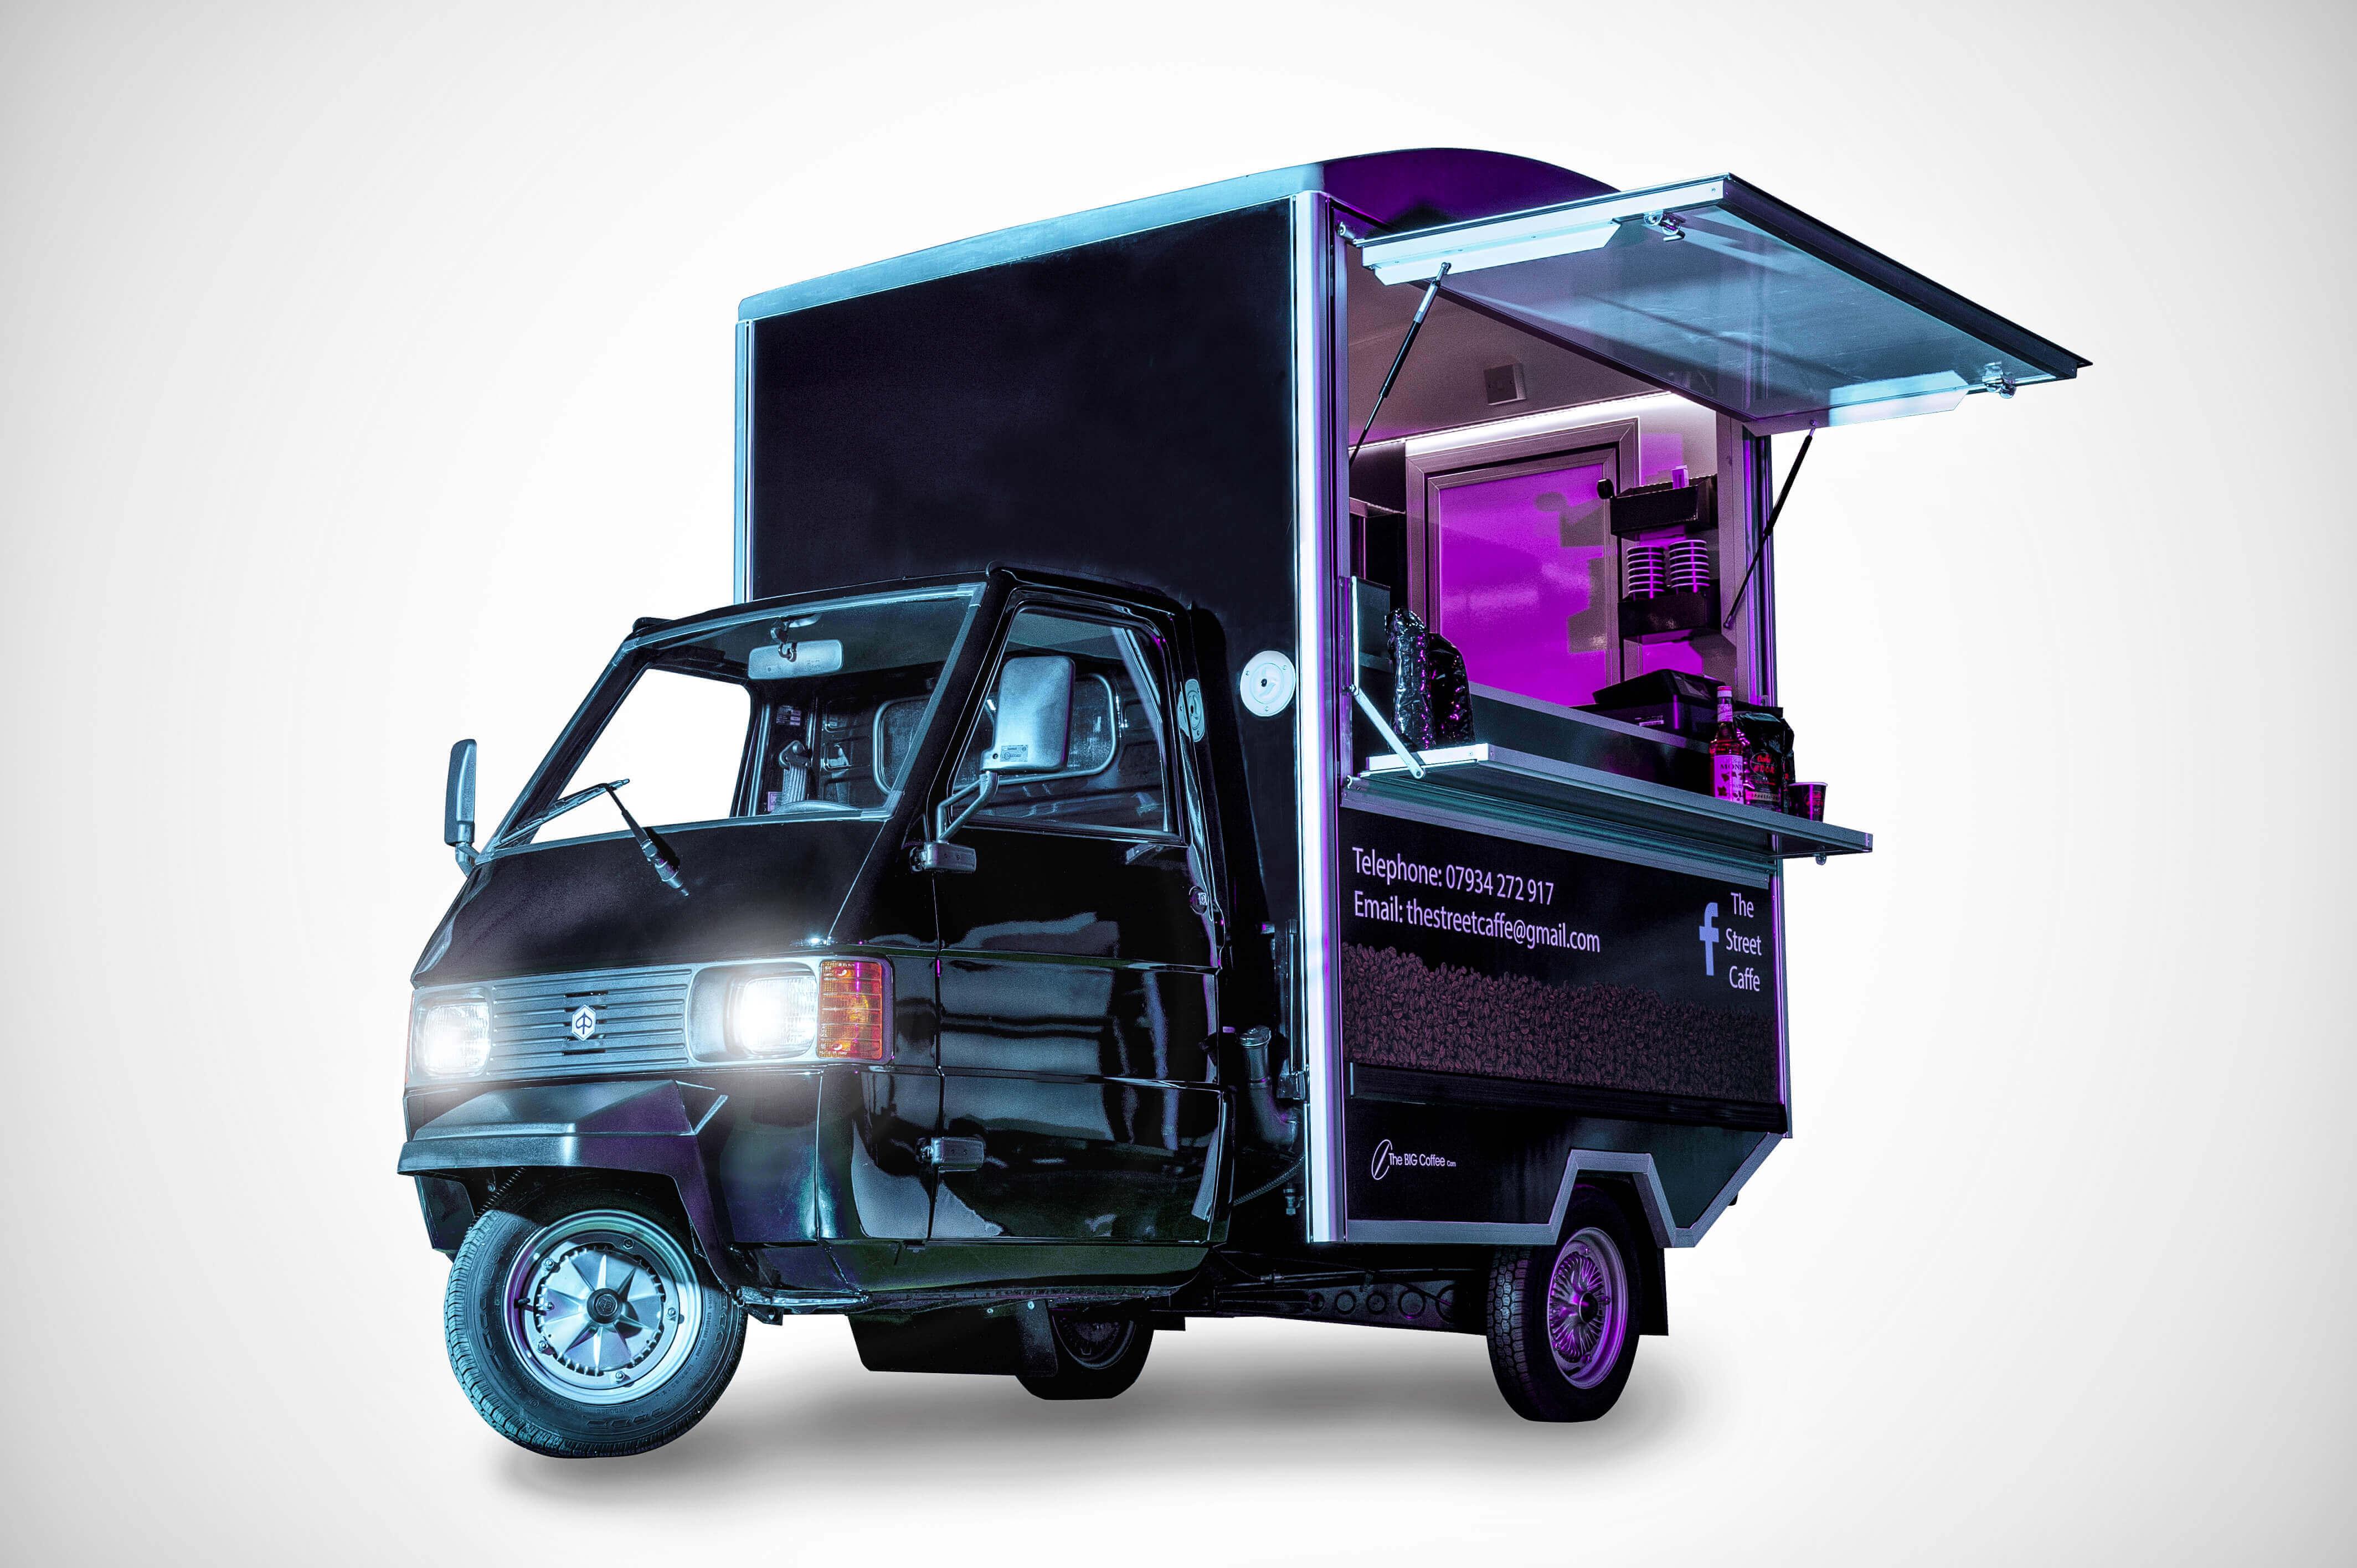 Internal Vend Ape - Mobile Coffee Van